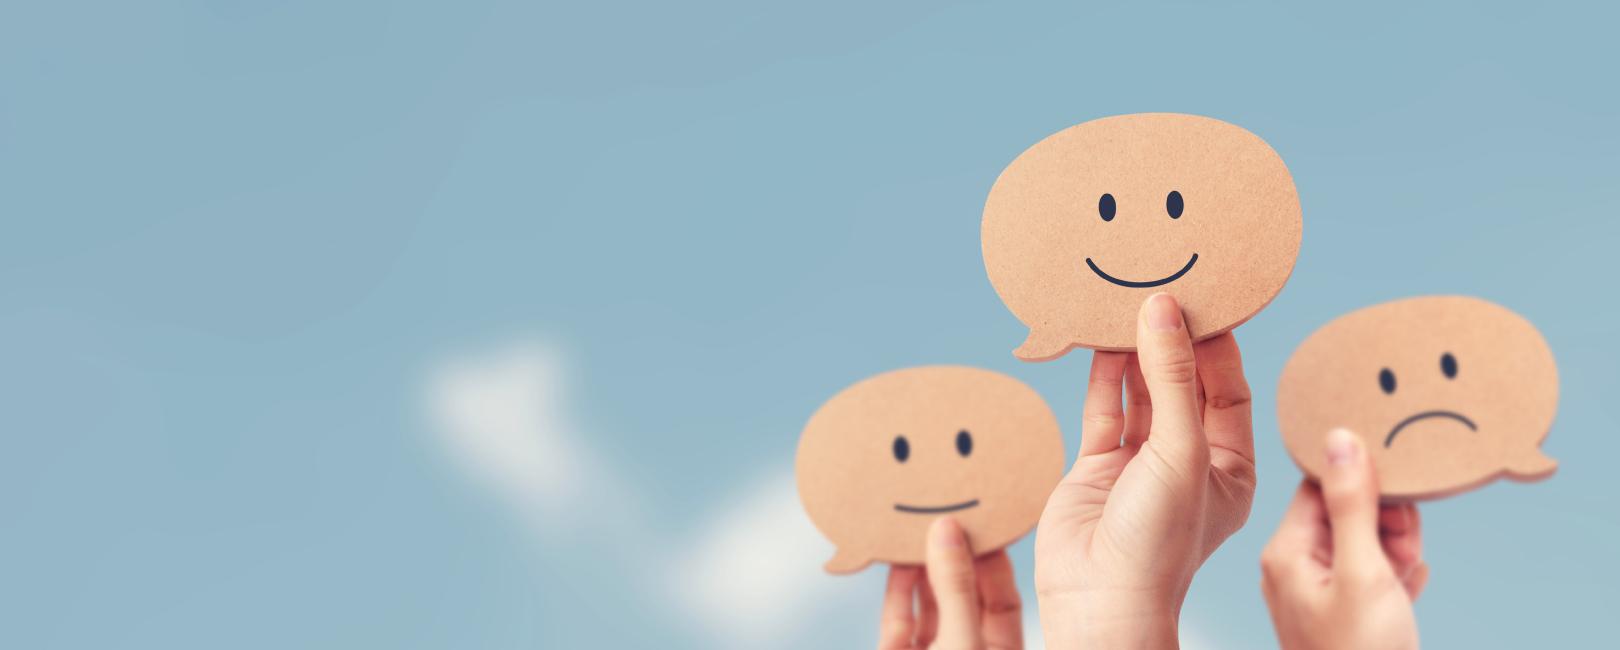 Piensa y siente como tu cliente: El mapa de empatía